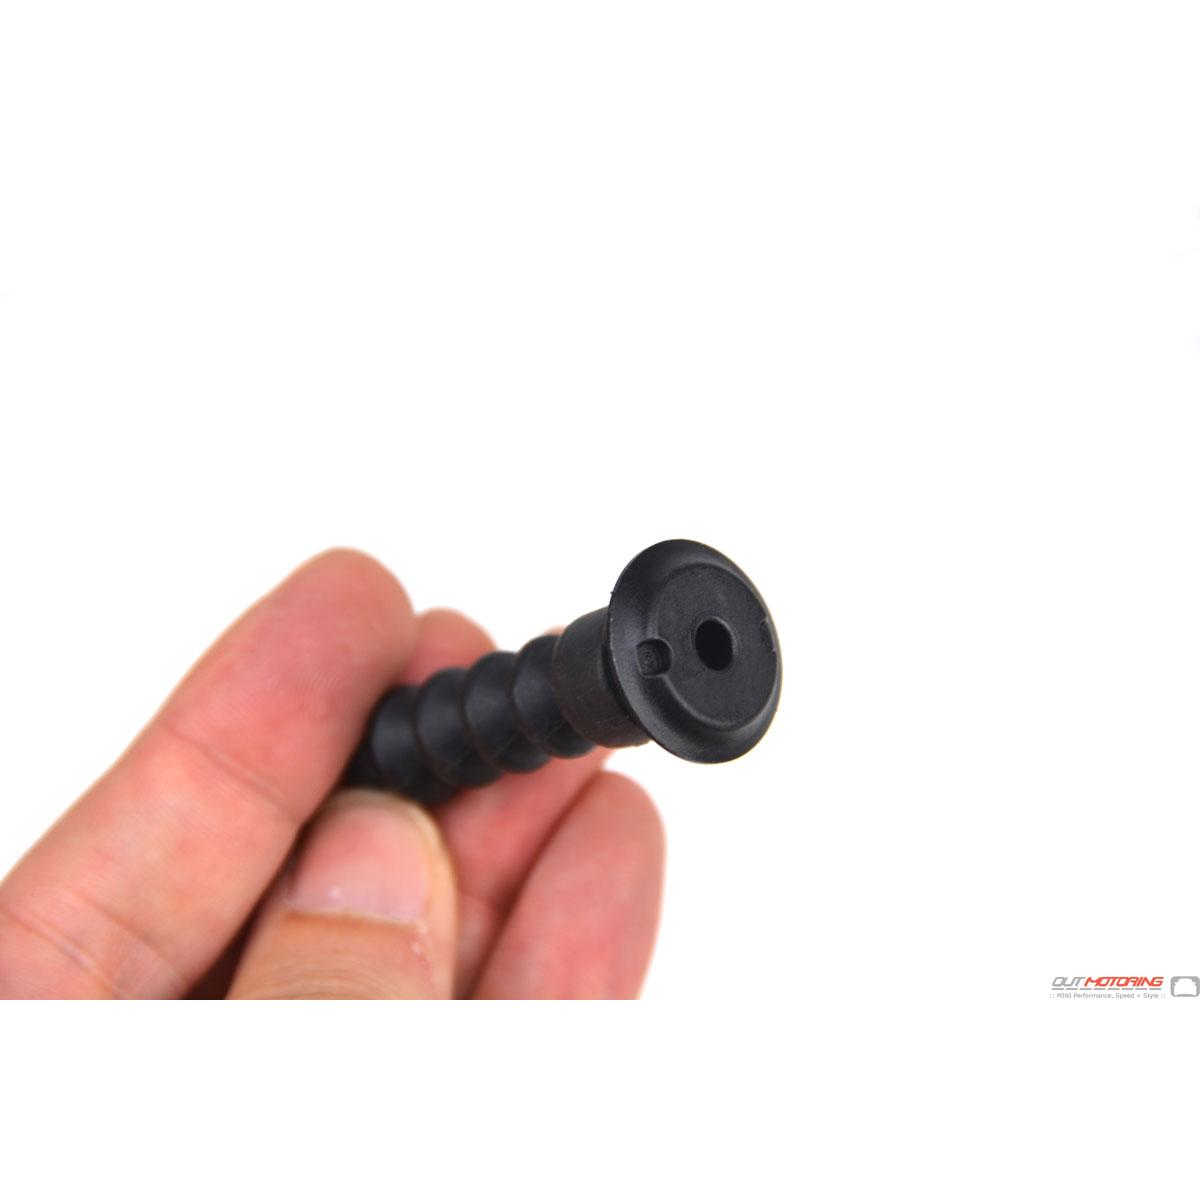 51257075026 MINI Cooper Rubber Grommet For Wheel Well